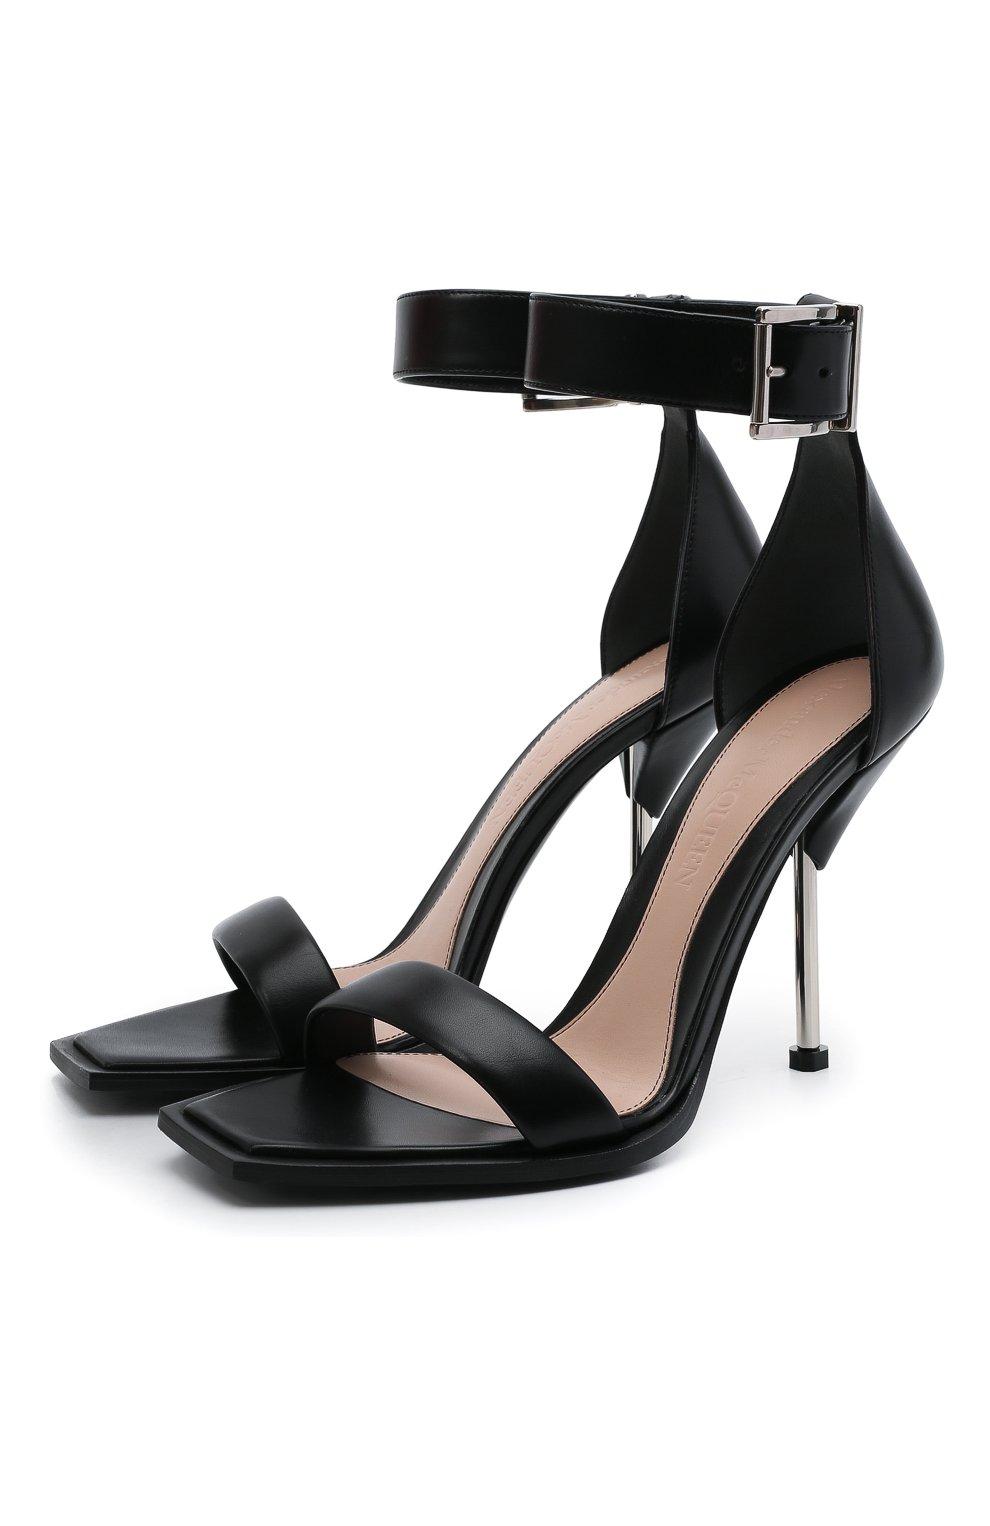 Женские кожаные босоножки ALEXANDER MCQUEEN черного цвета, арт. 651712/WHWQ1 | Фото 1 (Каблук высота: Высокий; Материал внутренний: Натуральная кожа; Каблук тип: Шпилька; Подошва: Плоская)